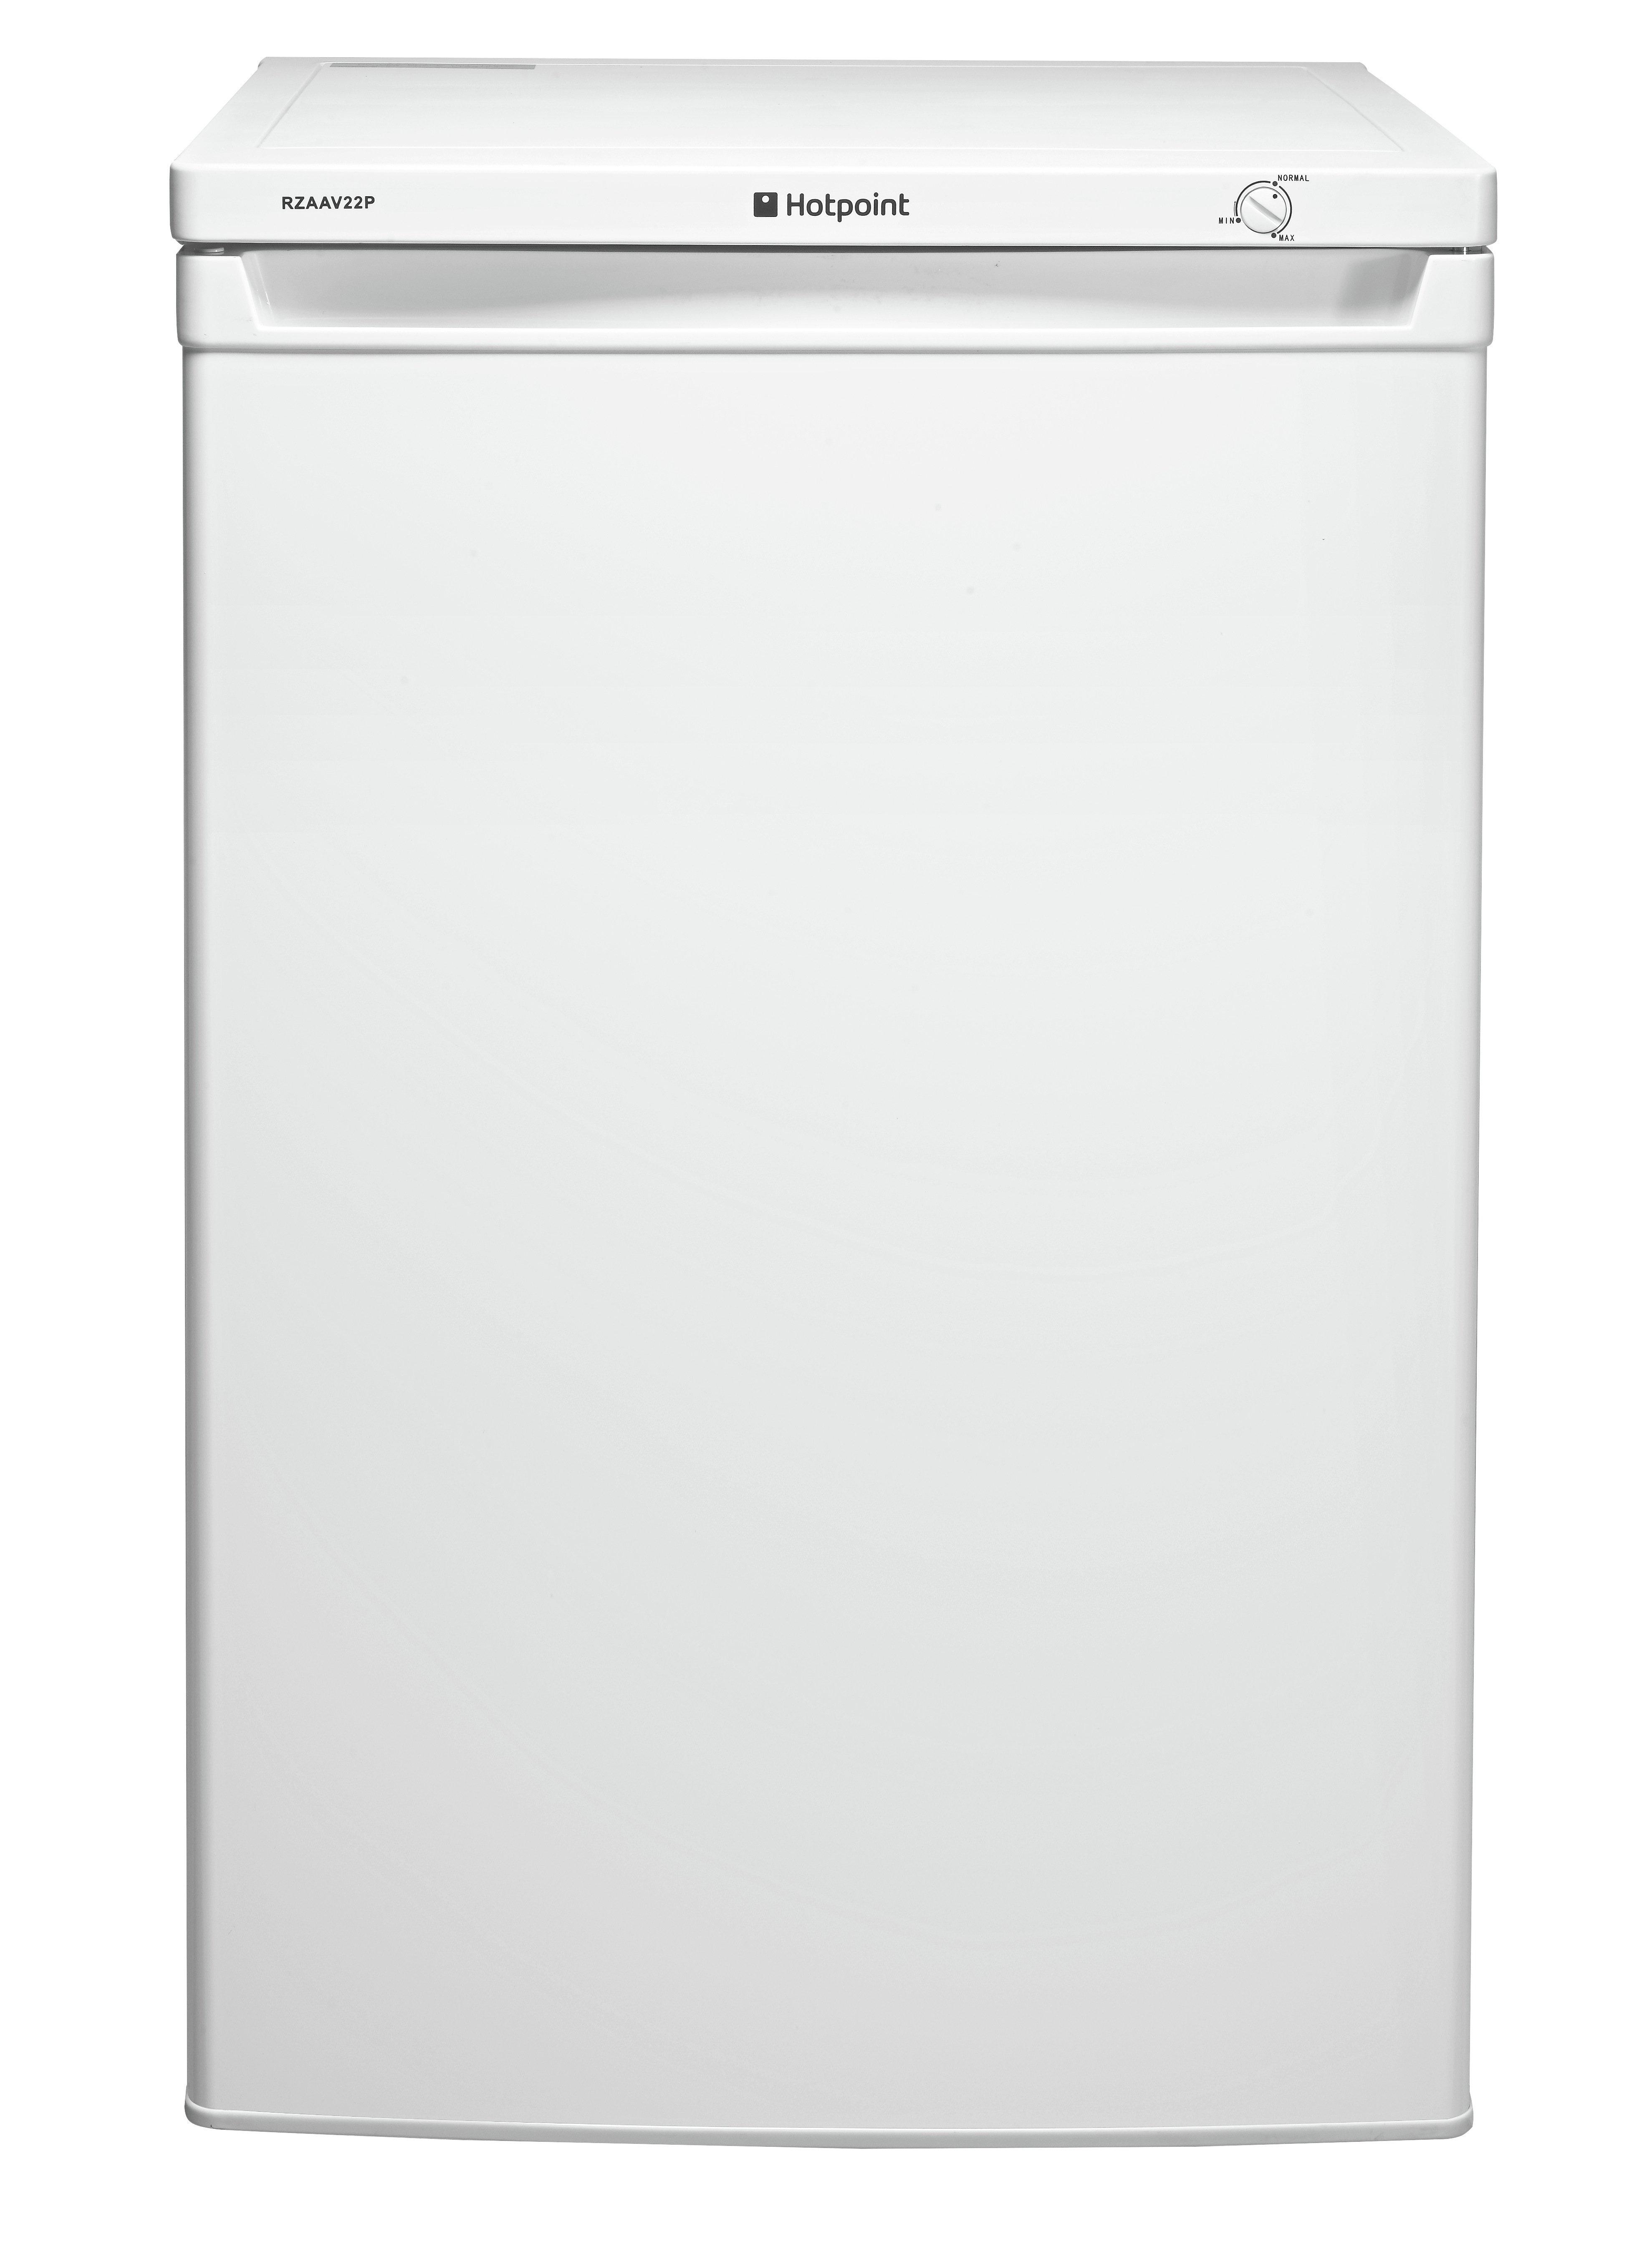 Hotpoint RZAAV22P.1 Freezer - White